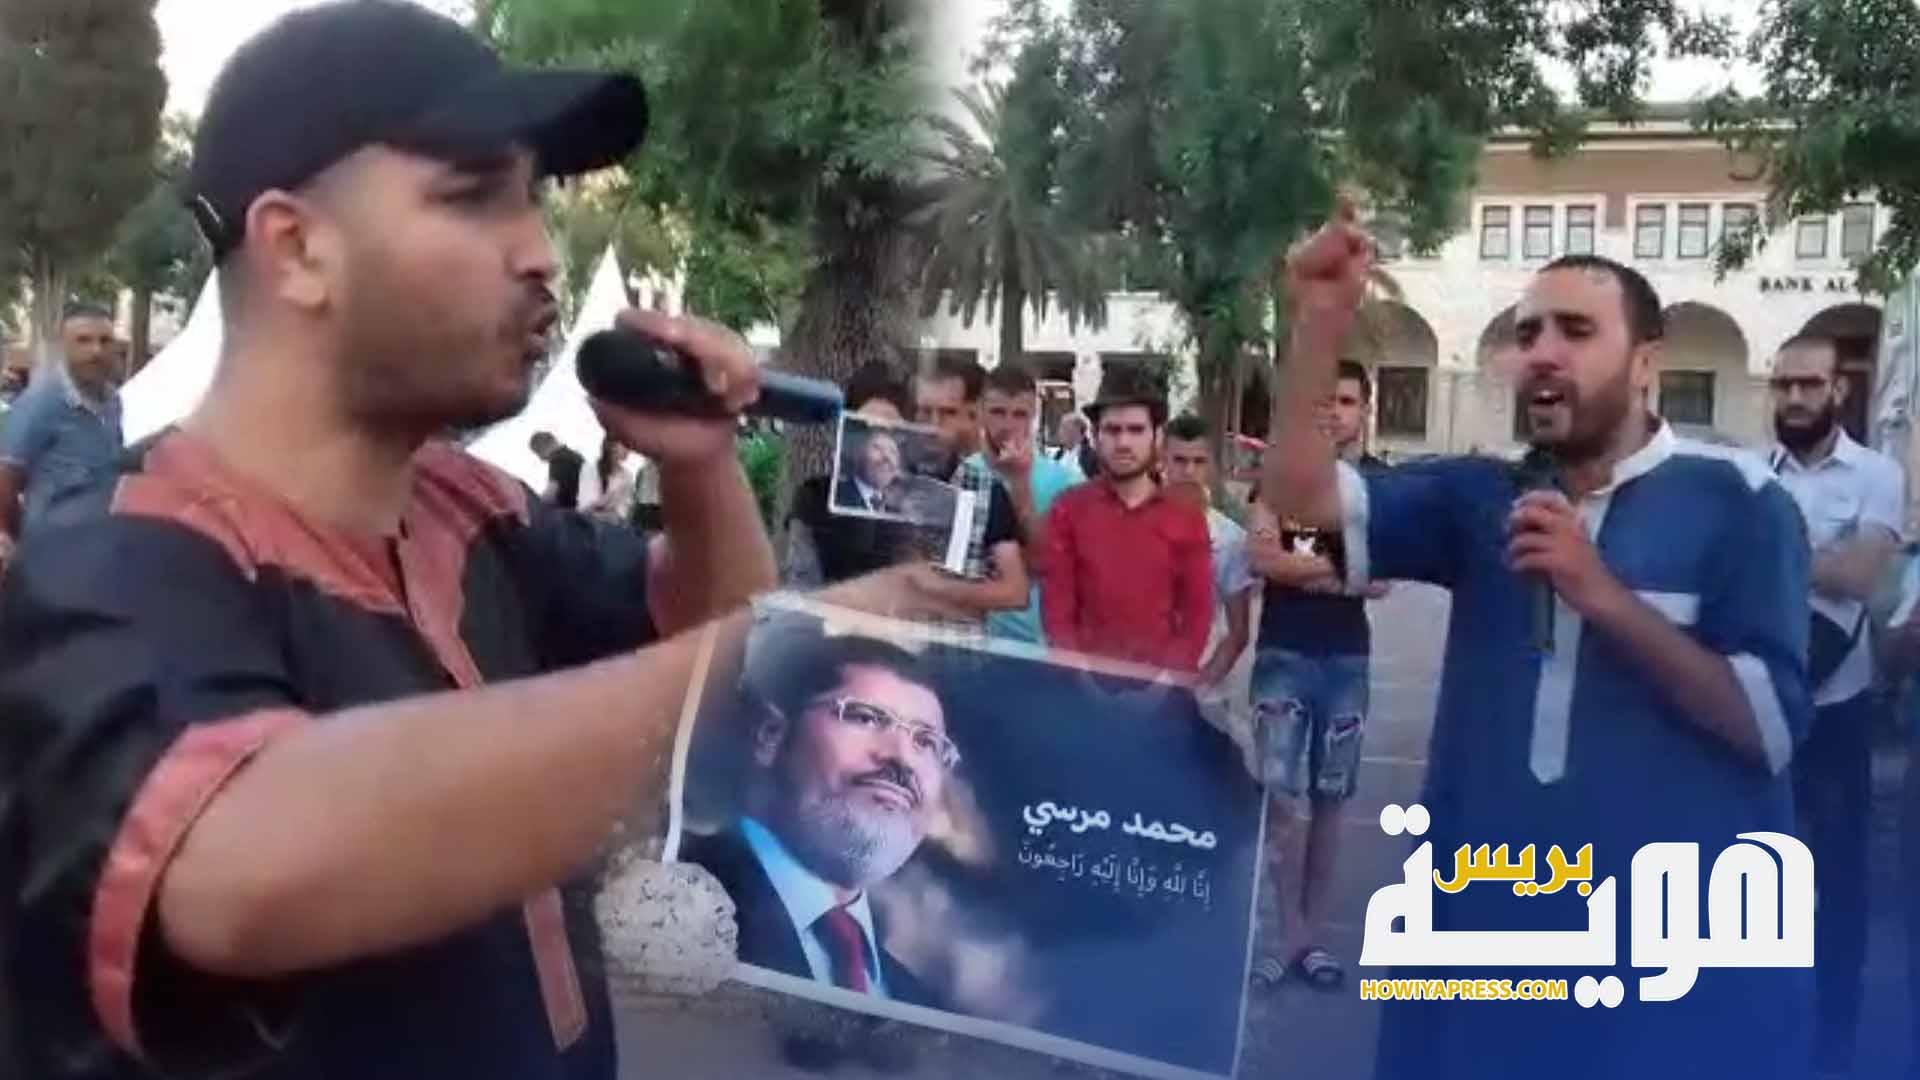 شباب في وقفة بفاس ينددون بمقتل الرئيس محمد مرسي رحمه الله